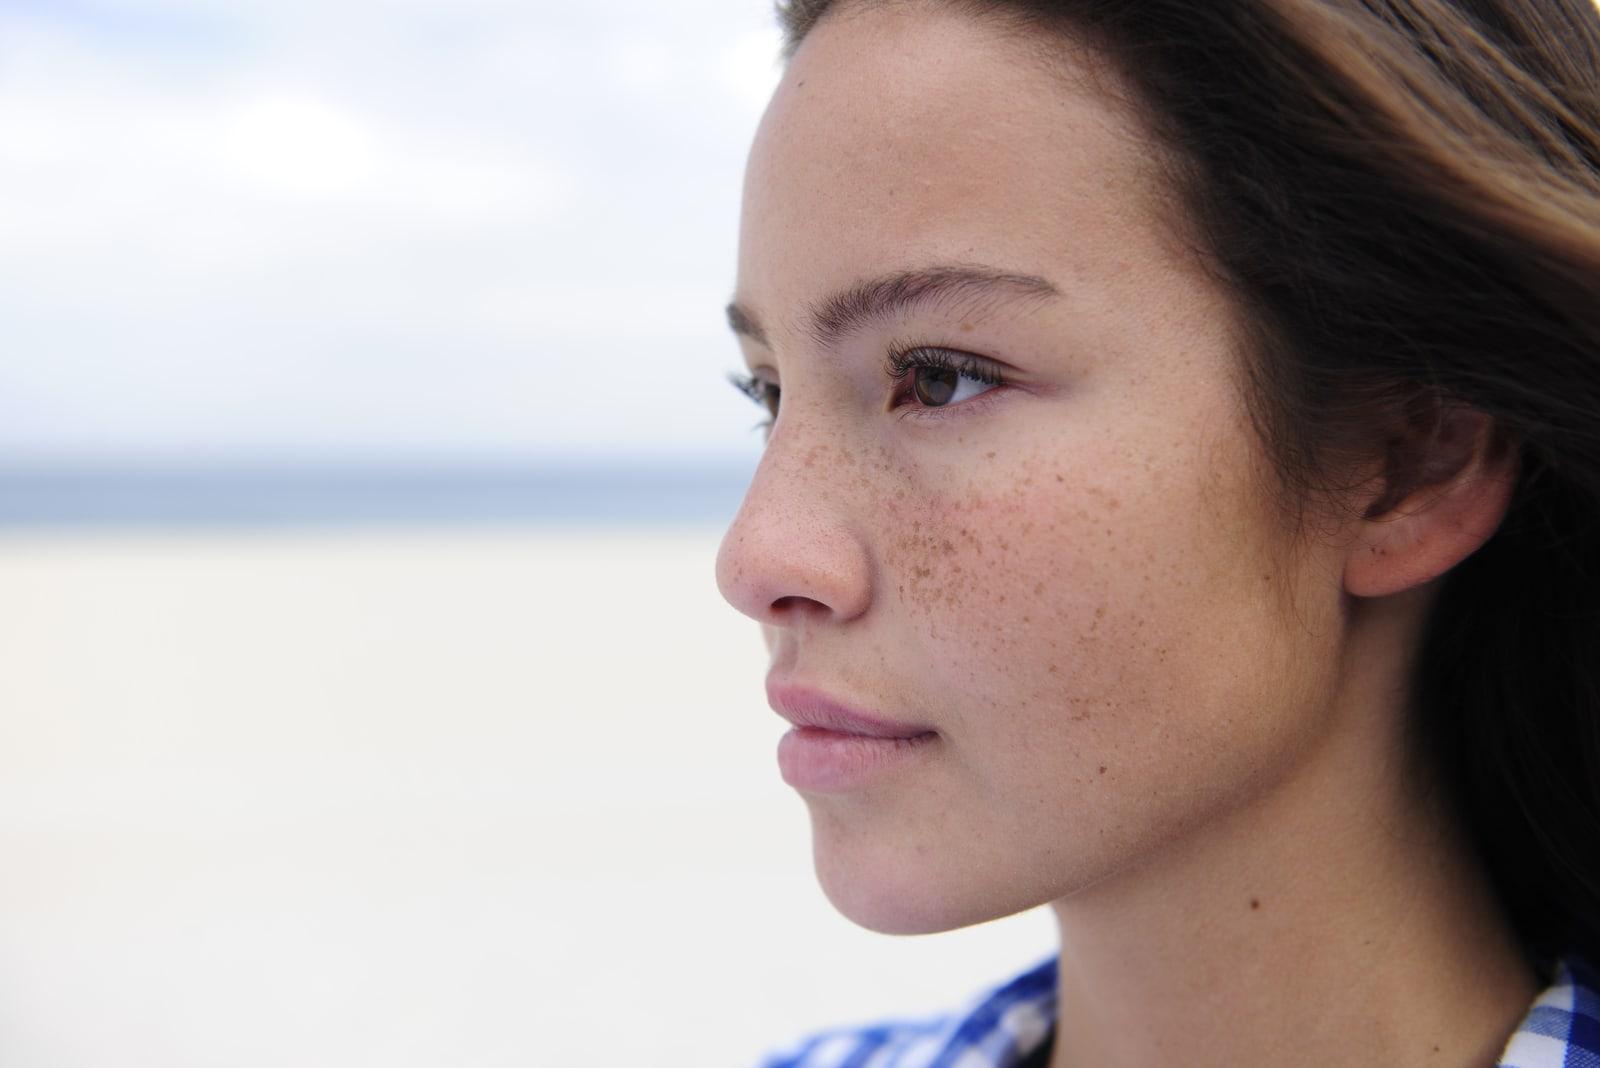 beautiful woman at the sea